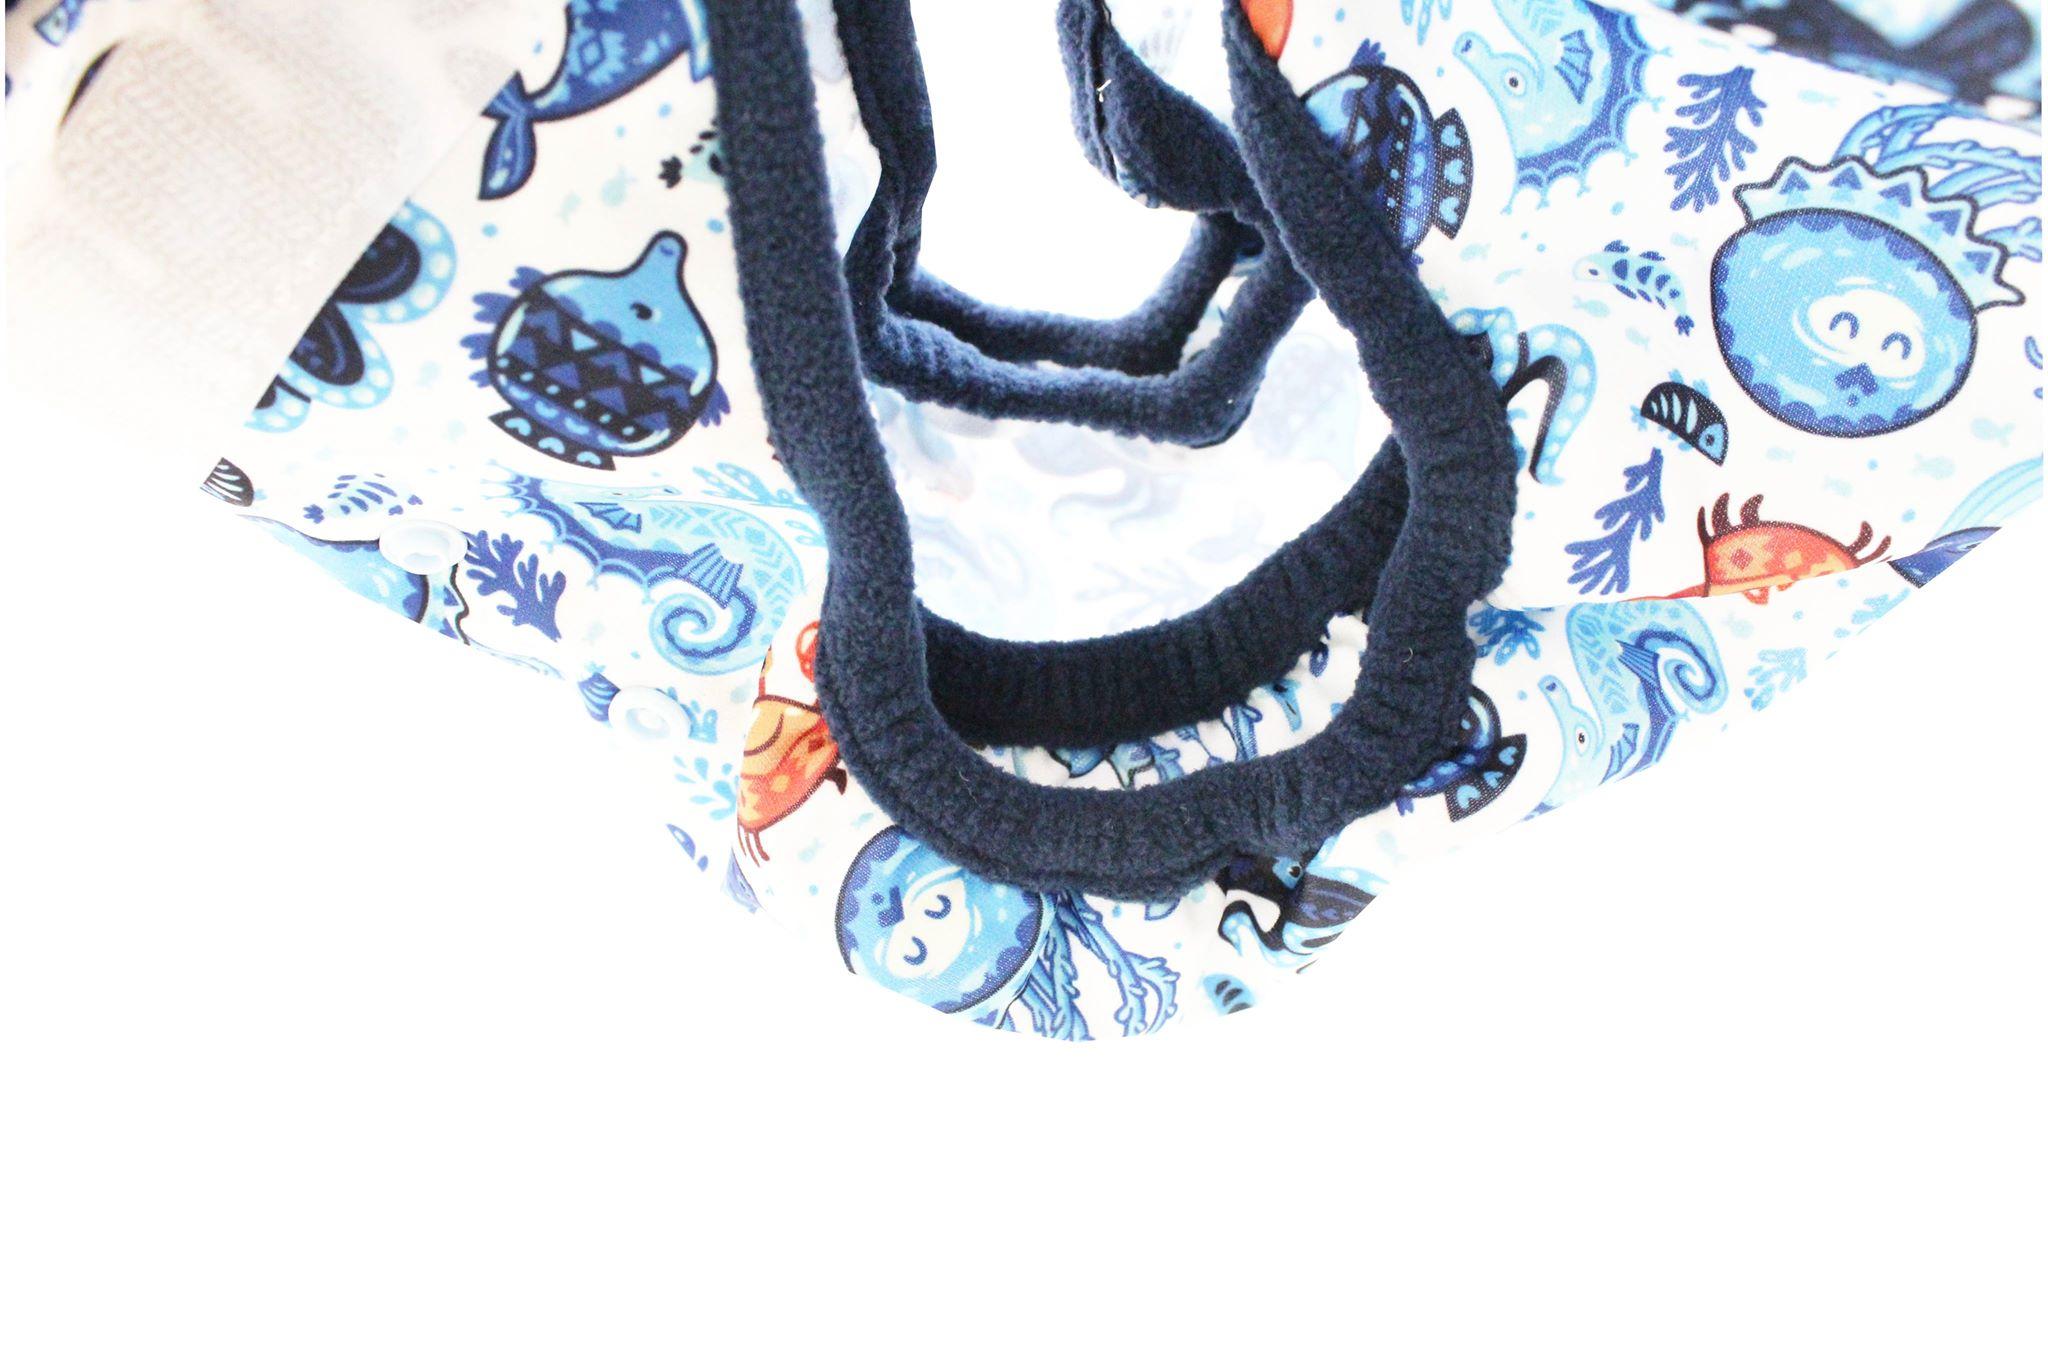 Svrchní kalhotky z PULu - Lemované fleecem, jednovelikostní, na suchý zip, s křidélky